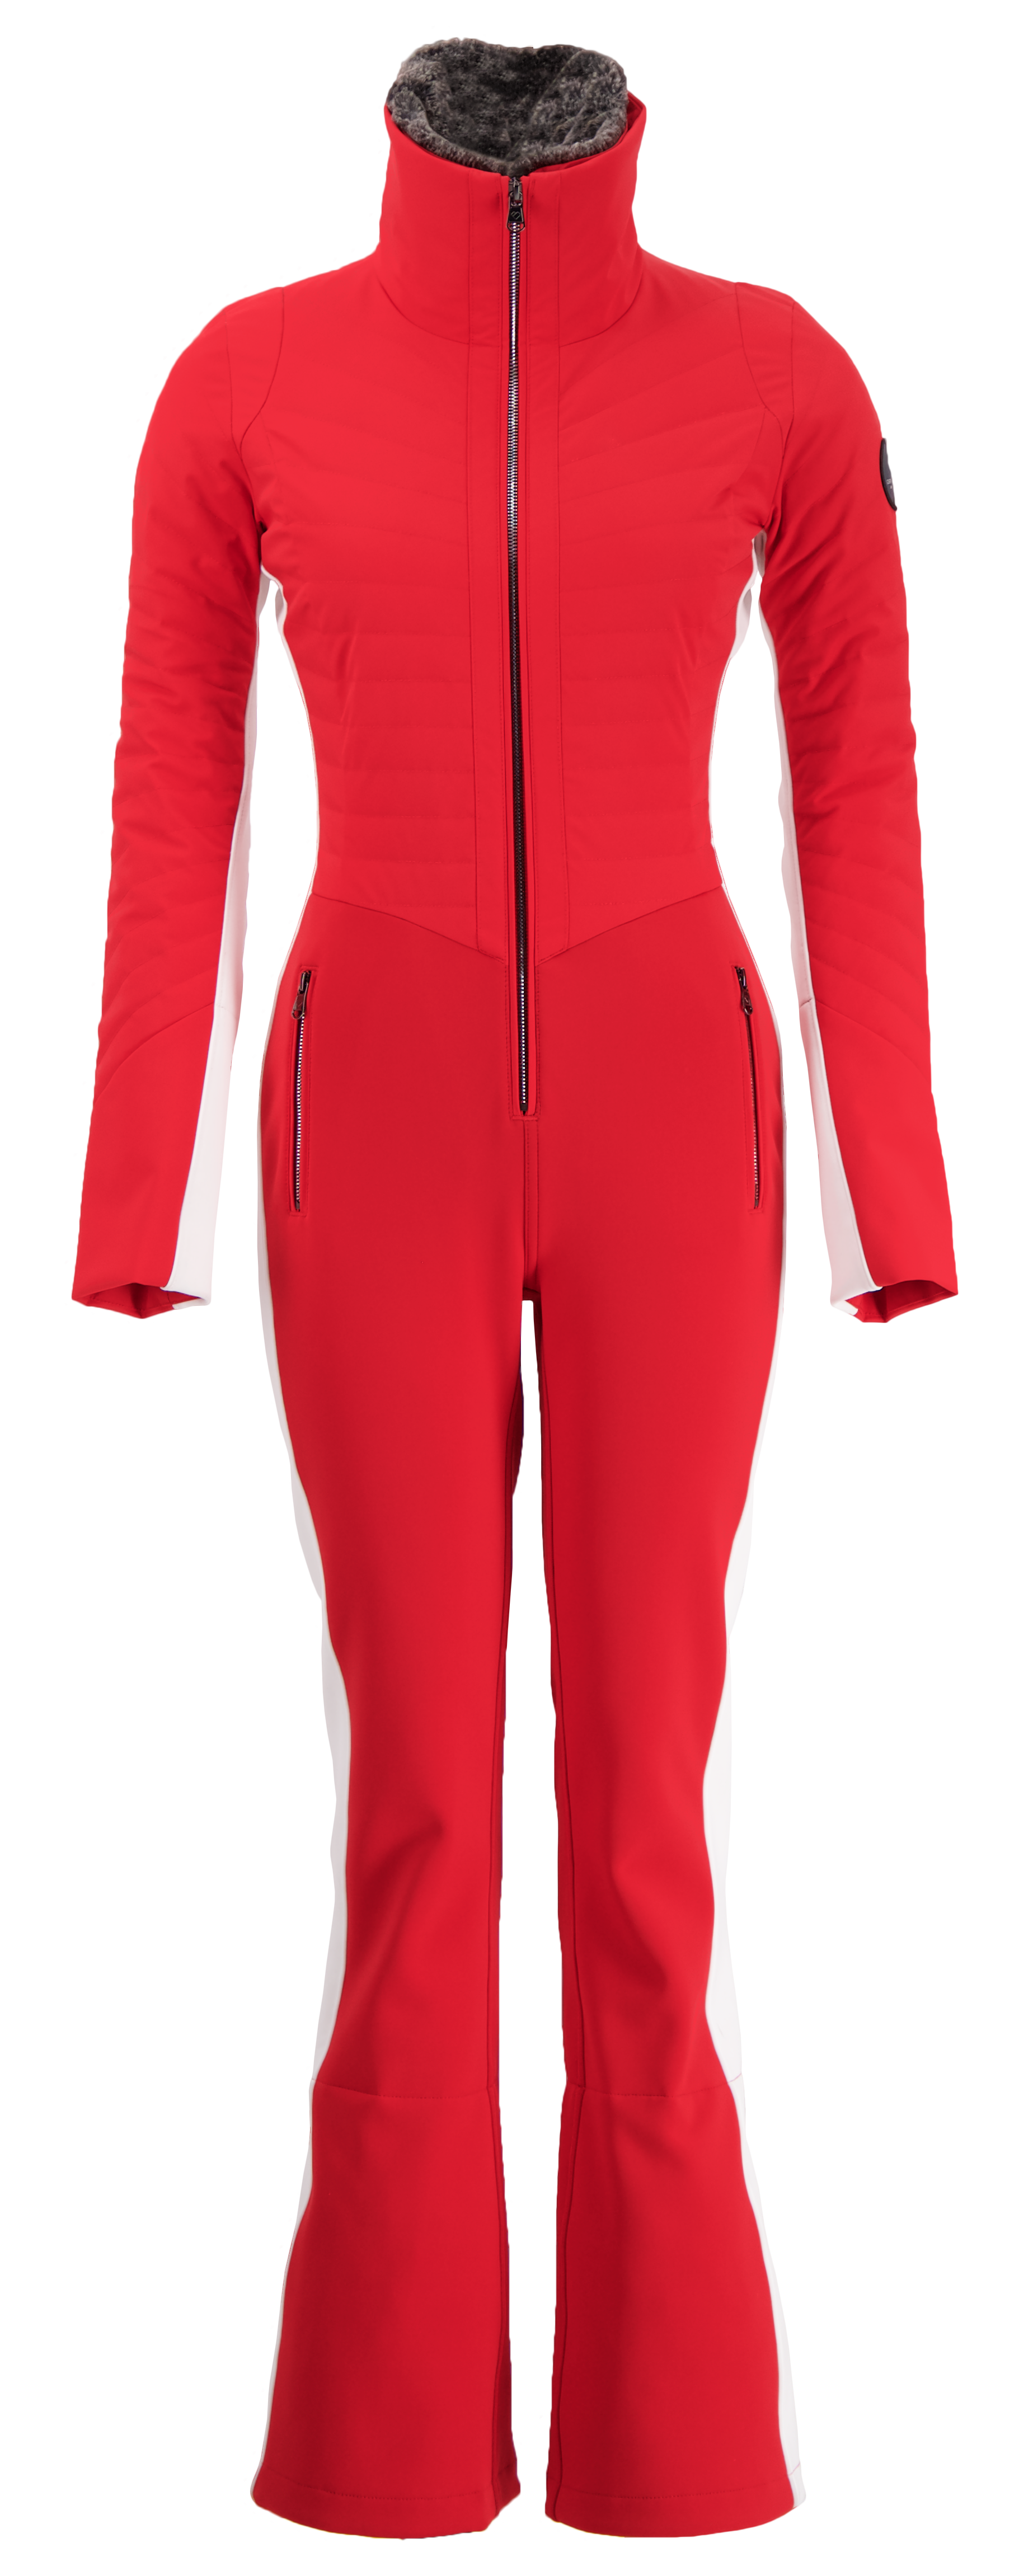 Healthy Skier 0901 A